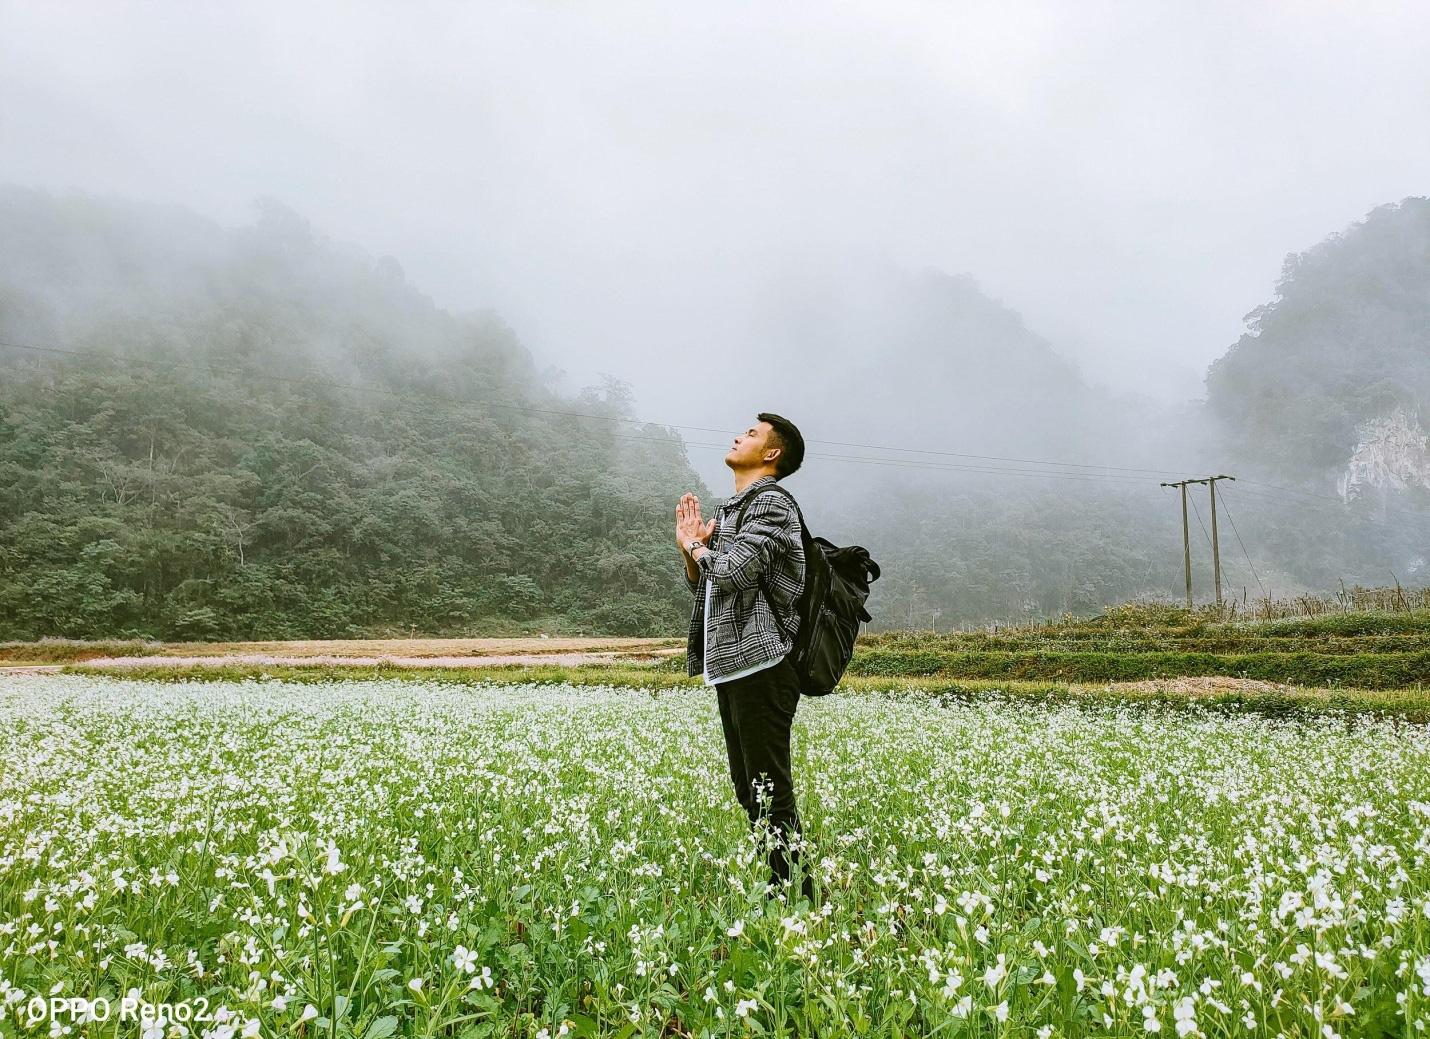 Hoa cải được xem là loài hoa đẹp nhất ở Mộc Châu. Hình: Chan La Cà